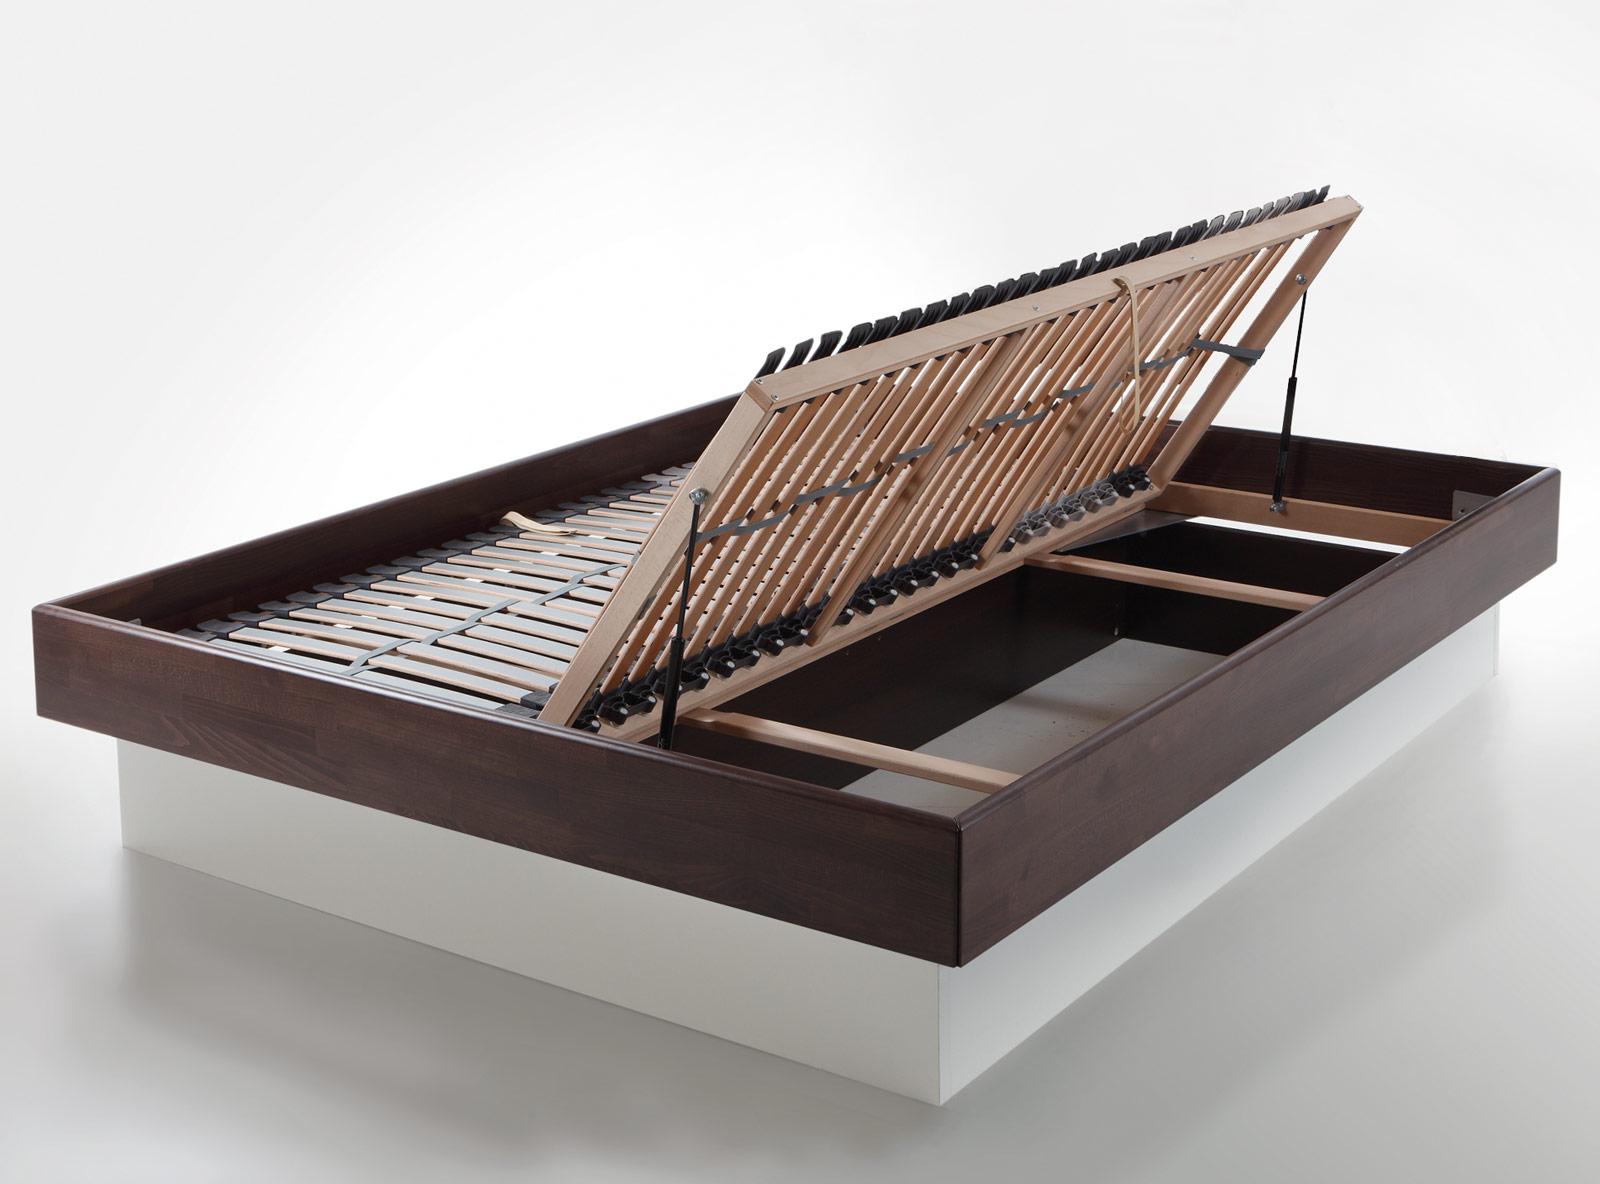 echtholzbett mit bettkasten f r viel stauraum grosseto. Black Bedroom Furniture Sets. Home Design Ideas